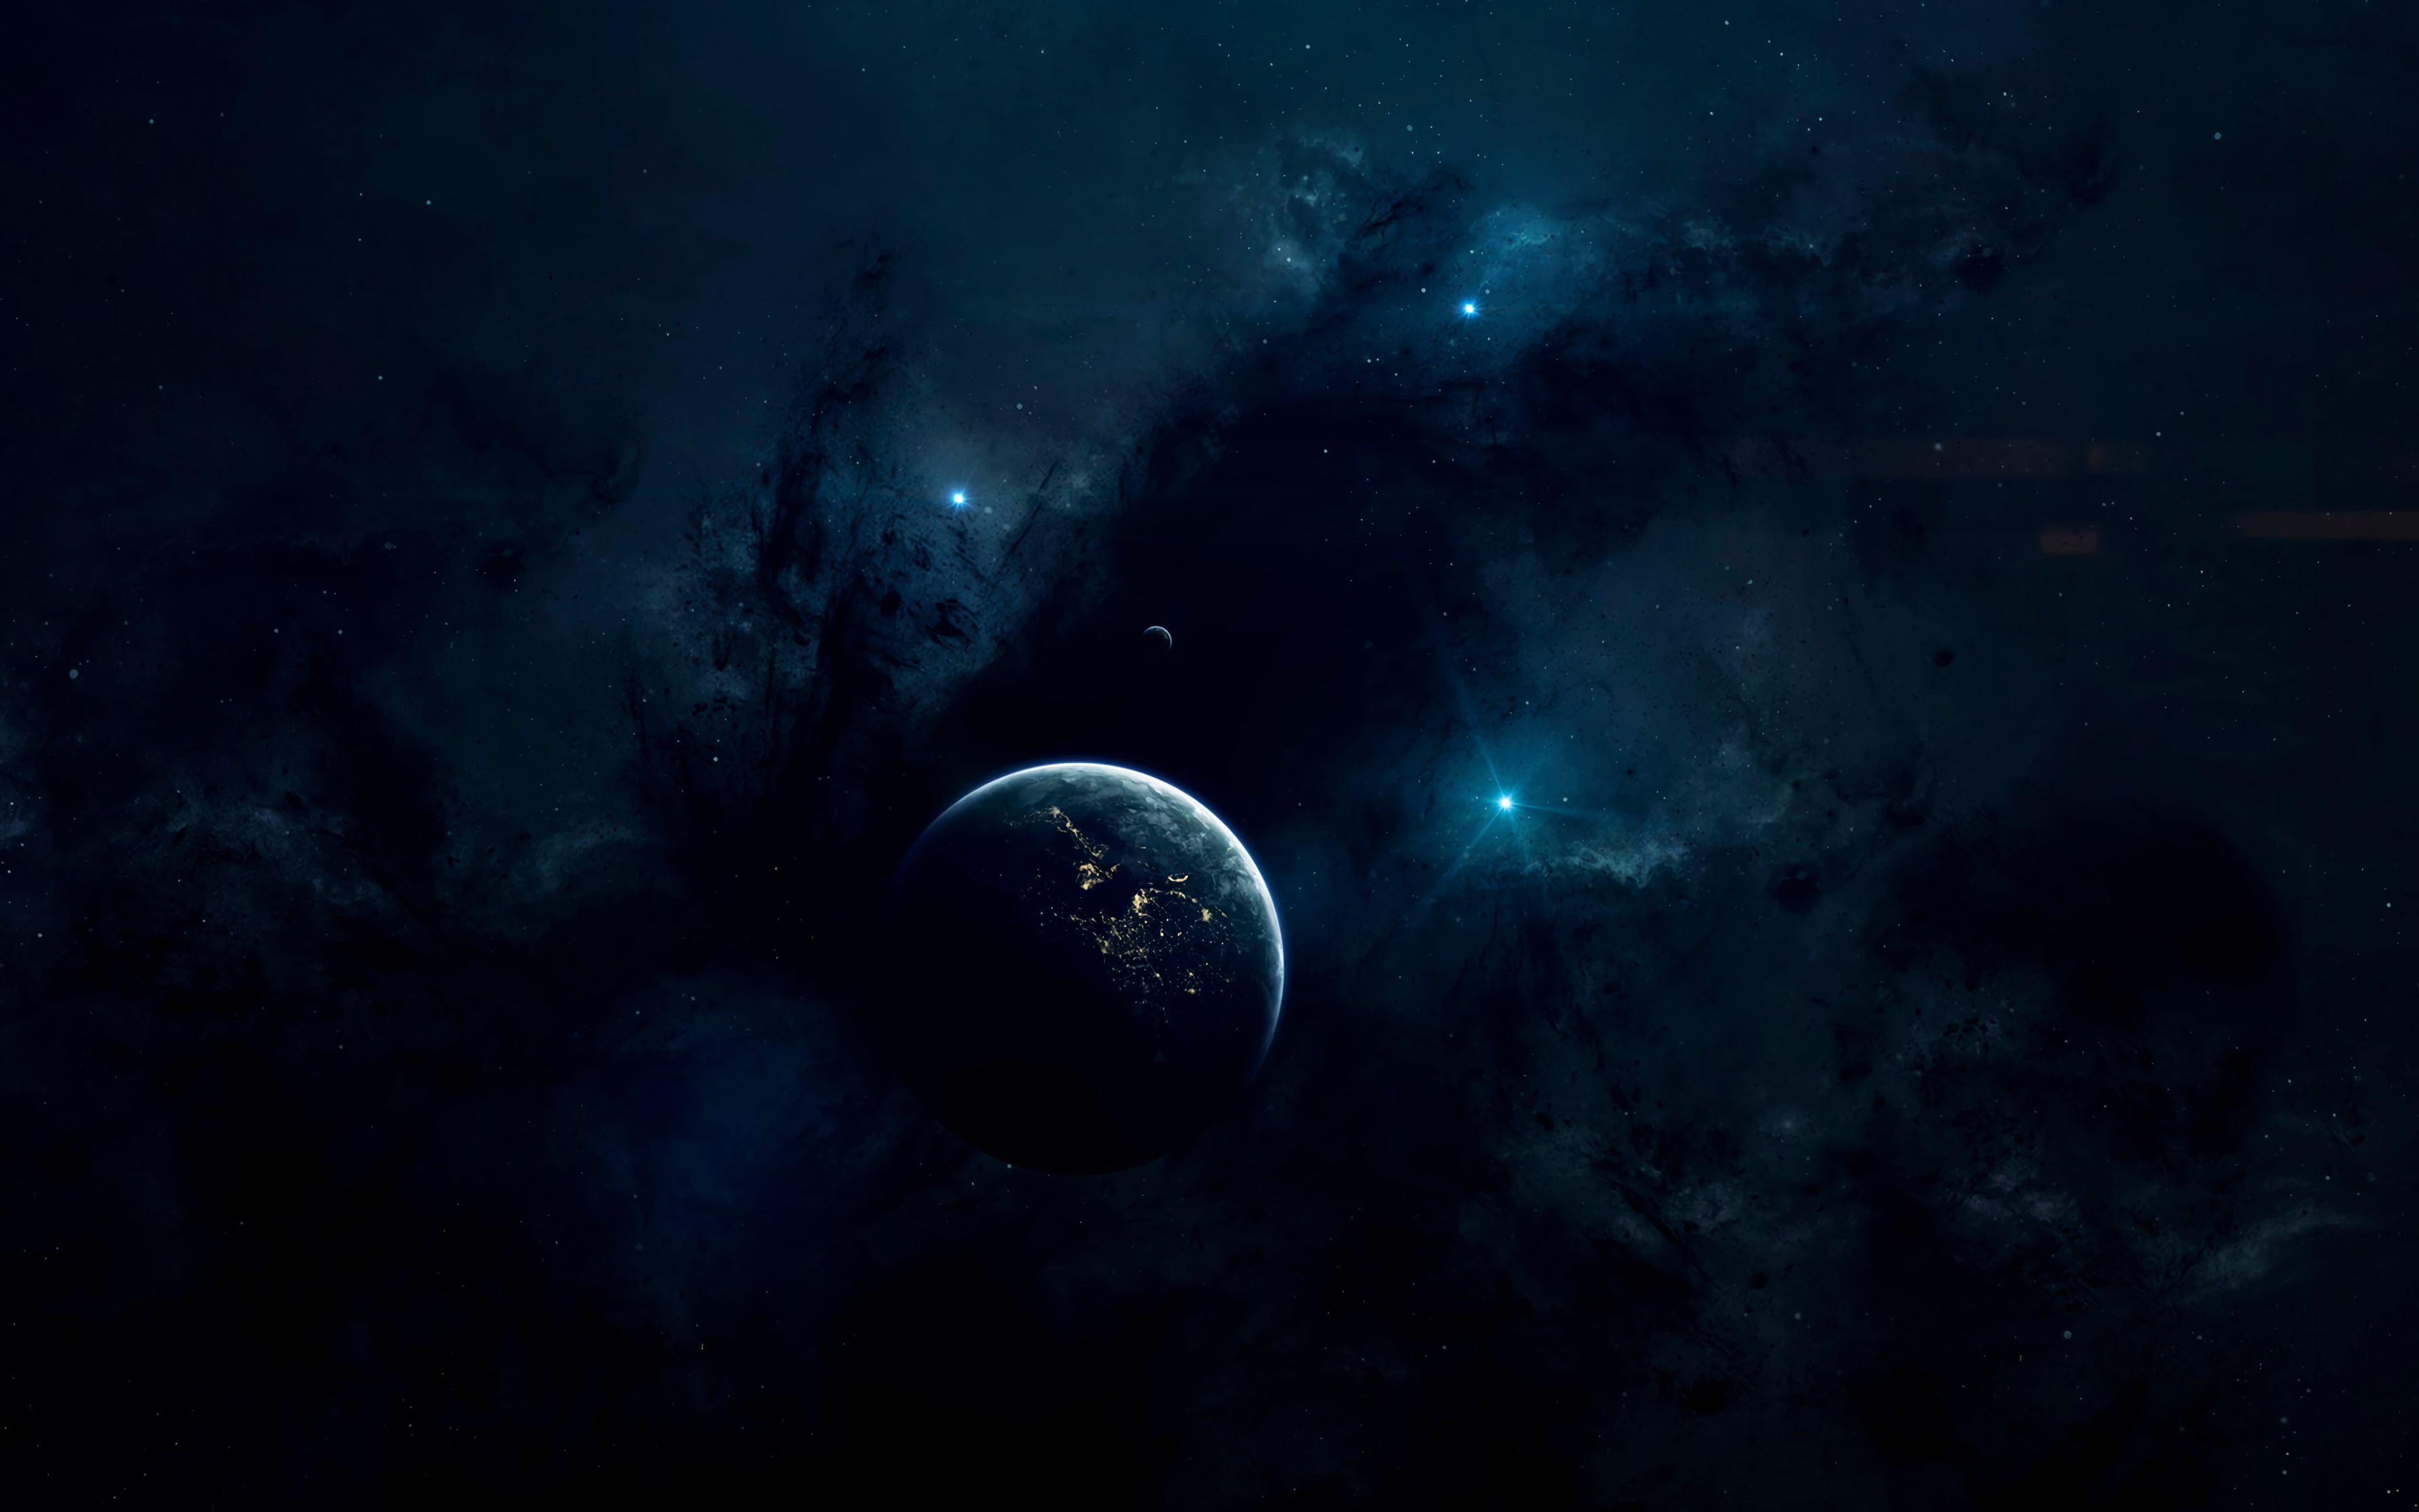 116024 économiseurs d'écran et fonds d'écran Sombre sur votre téléphone. Téléchargez Planètes, Univers, Etoiles, Sombre, Nébuleuse images gratuitement